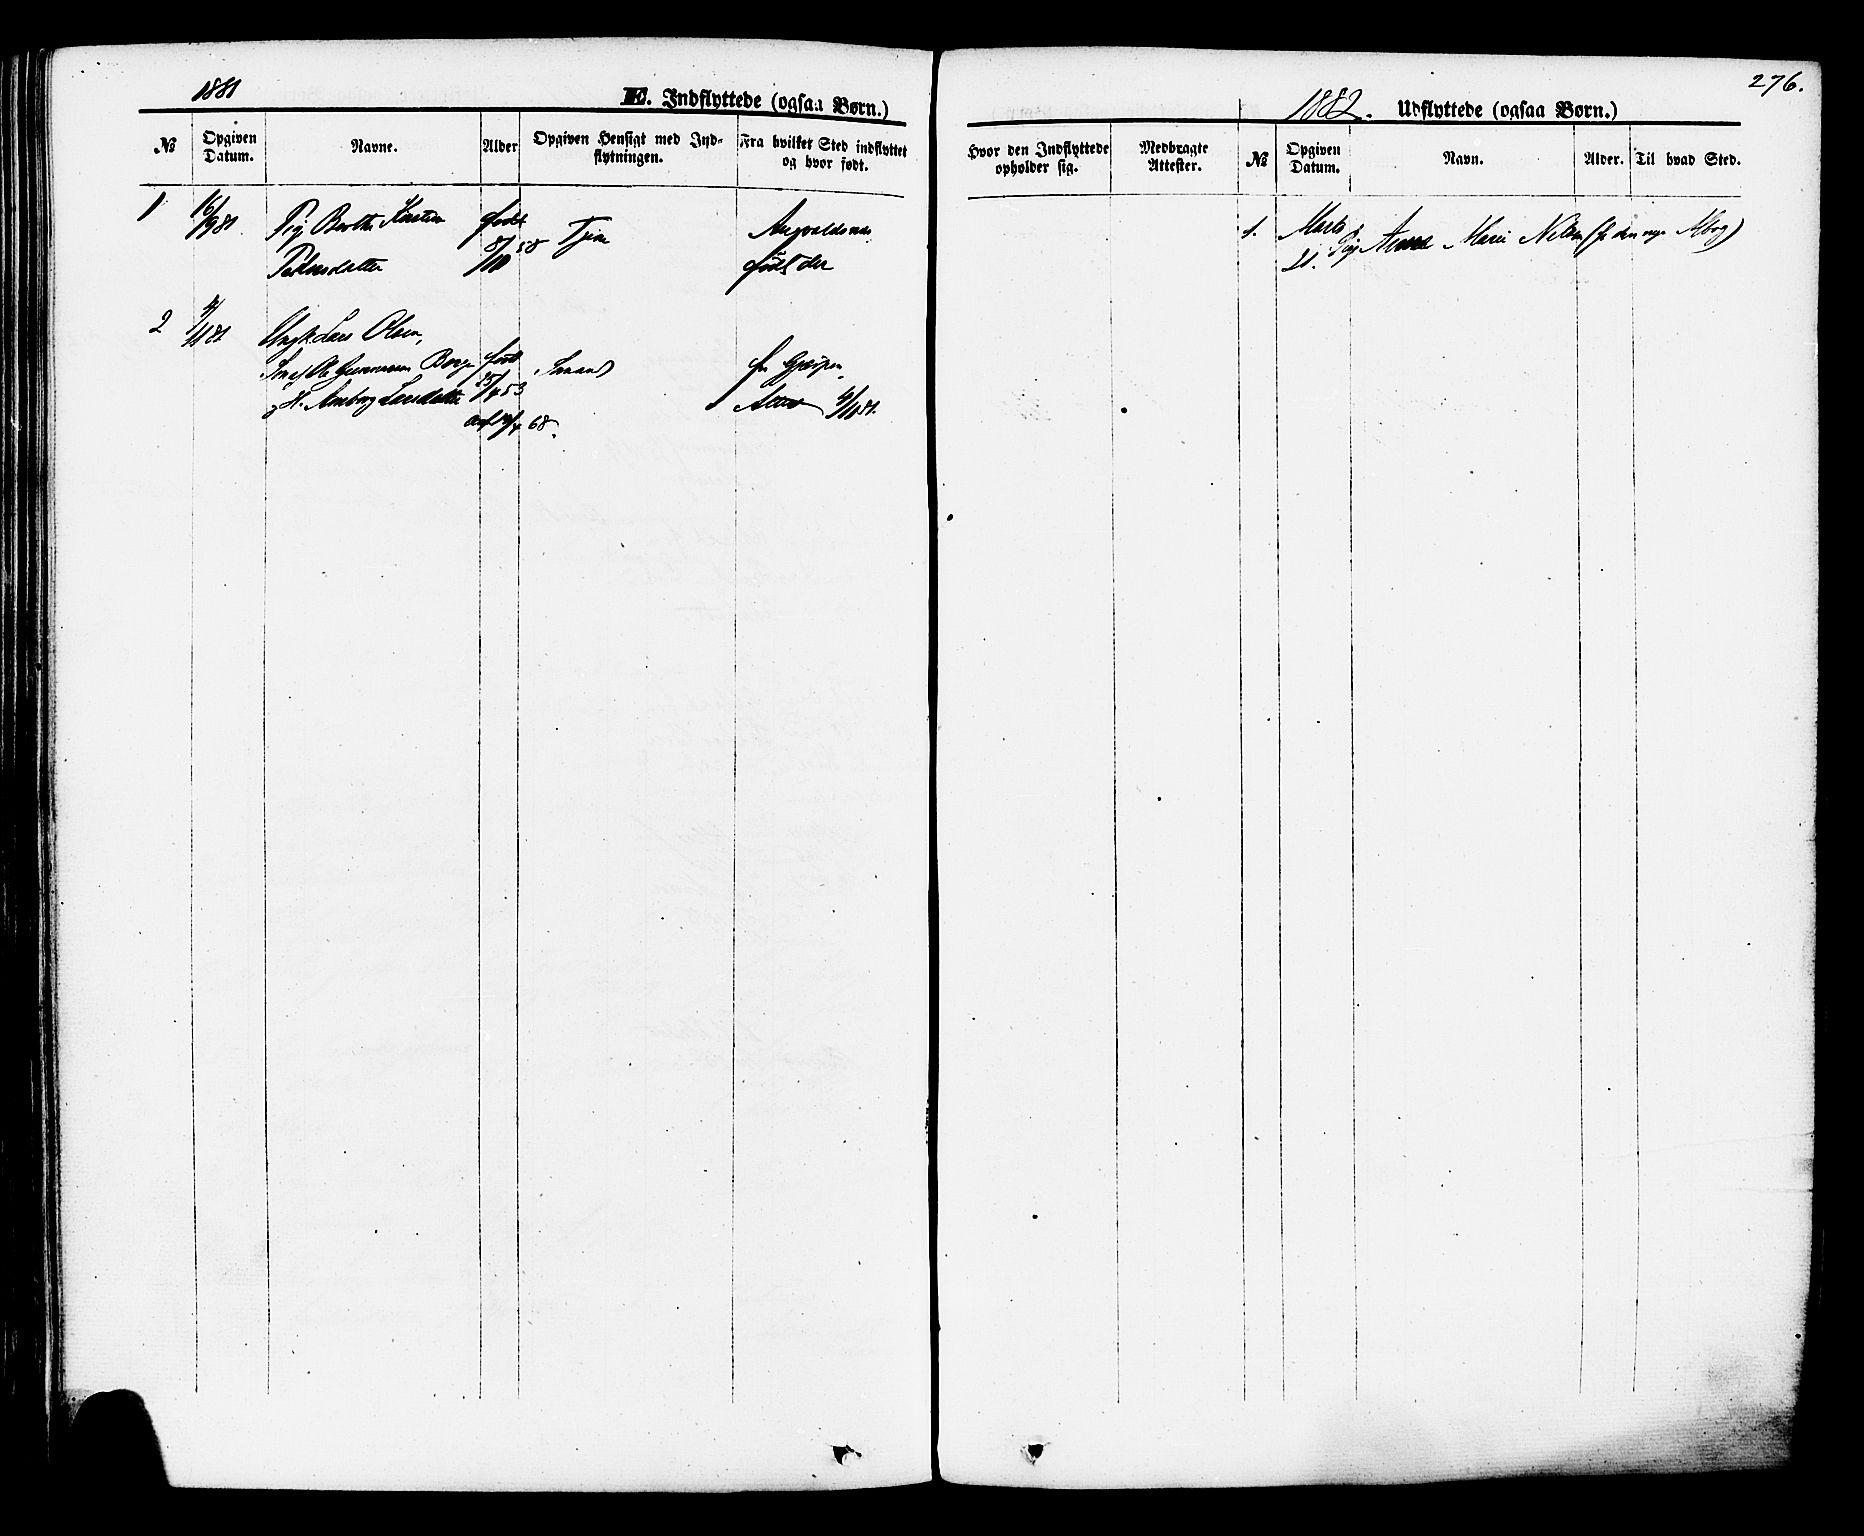 SAKO, Brevik kirkebøker, F/Fa/L0006: Ministerialbok nr. 6, 1866-1881, s. 276